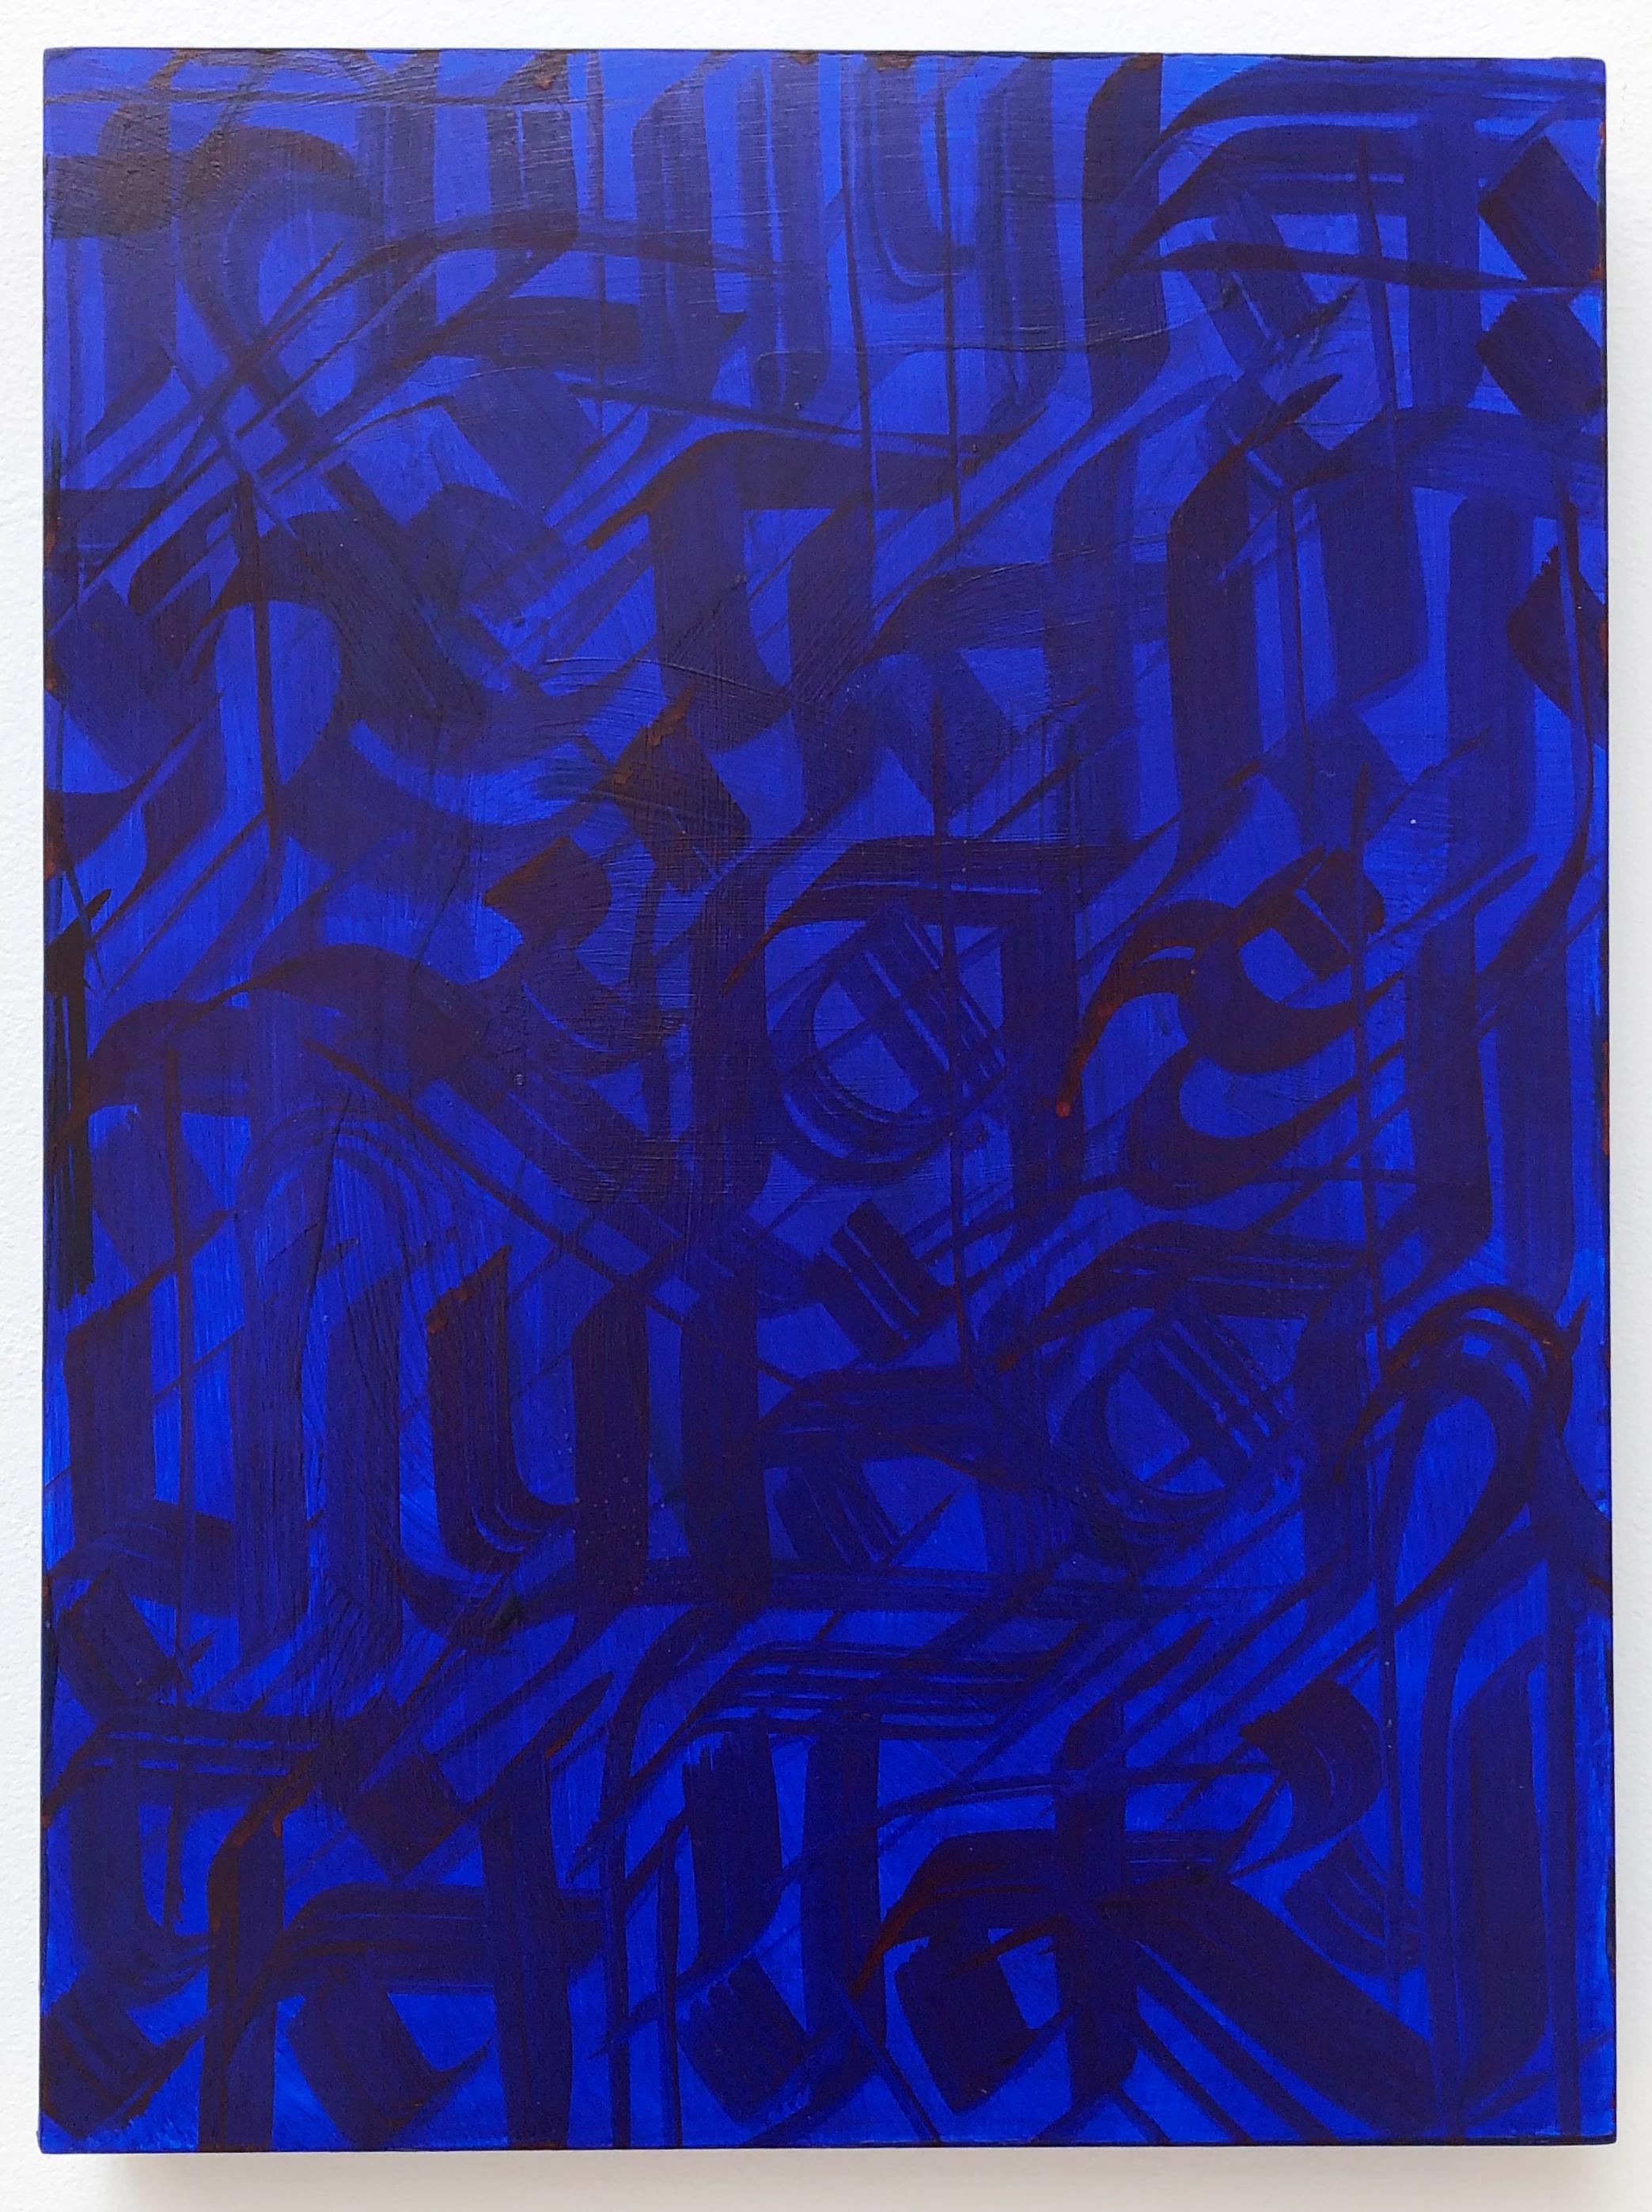 """Neelo II, 2019, acrylic on wood panel, 12"""" x 16"""" (Available)"""